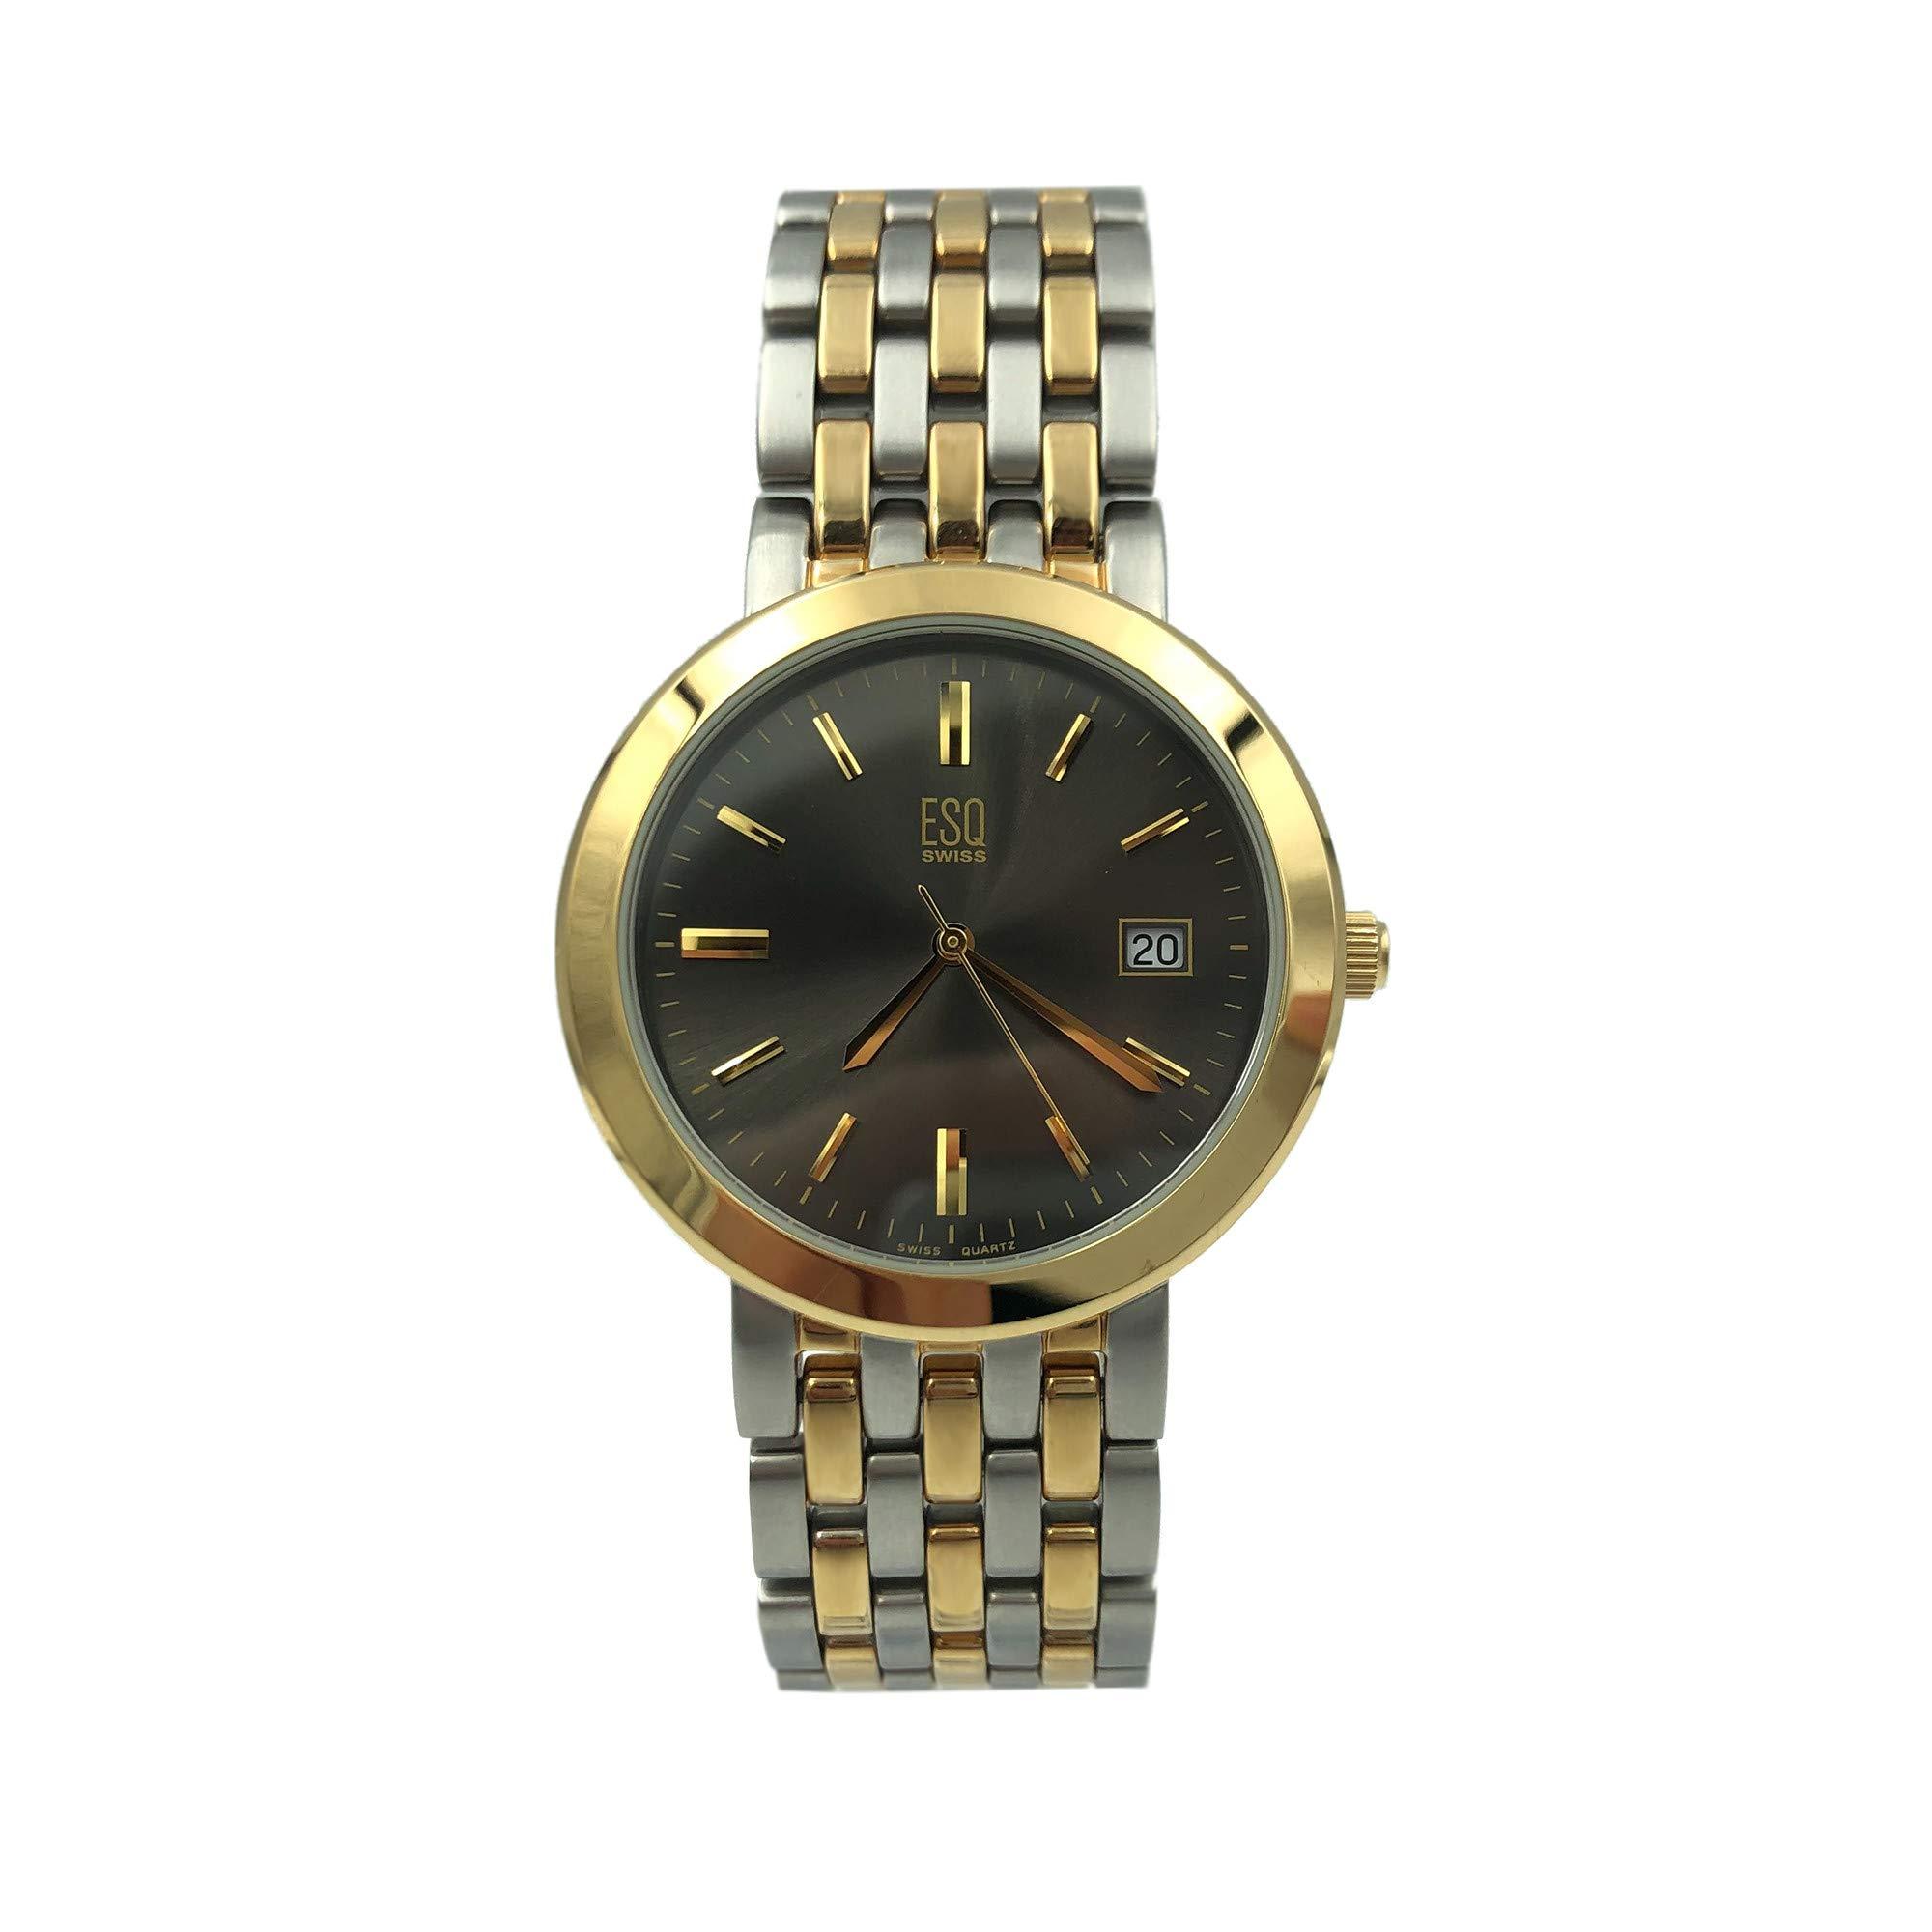 ESQ Classic Quartz Male Watch E5199 (Certified Pre-Owned) by ESQ